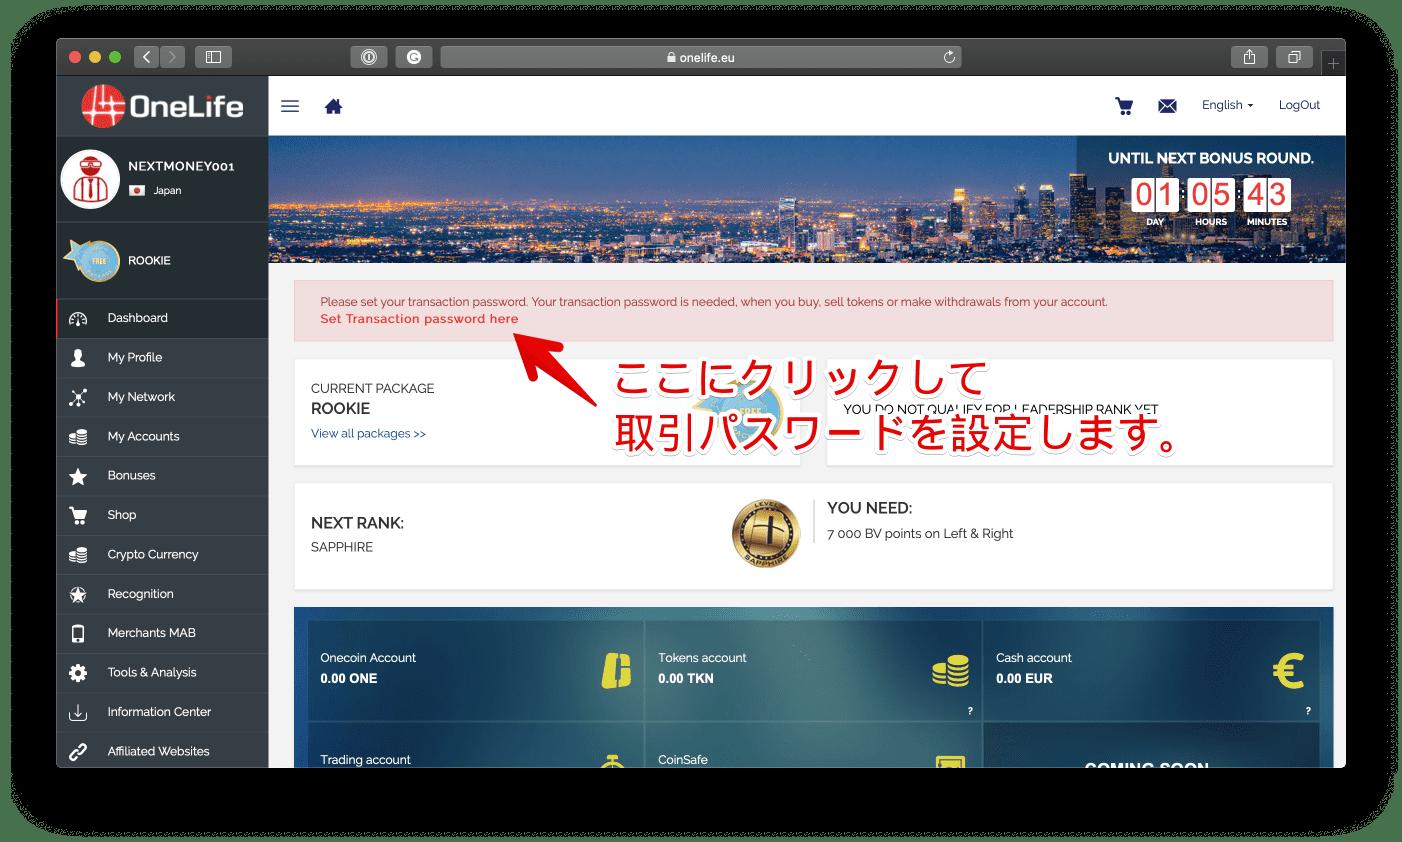 赤い字の「Set Transaction password here」にクリックして取引パスワードを設定します。